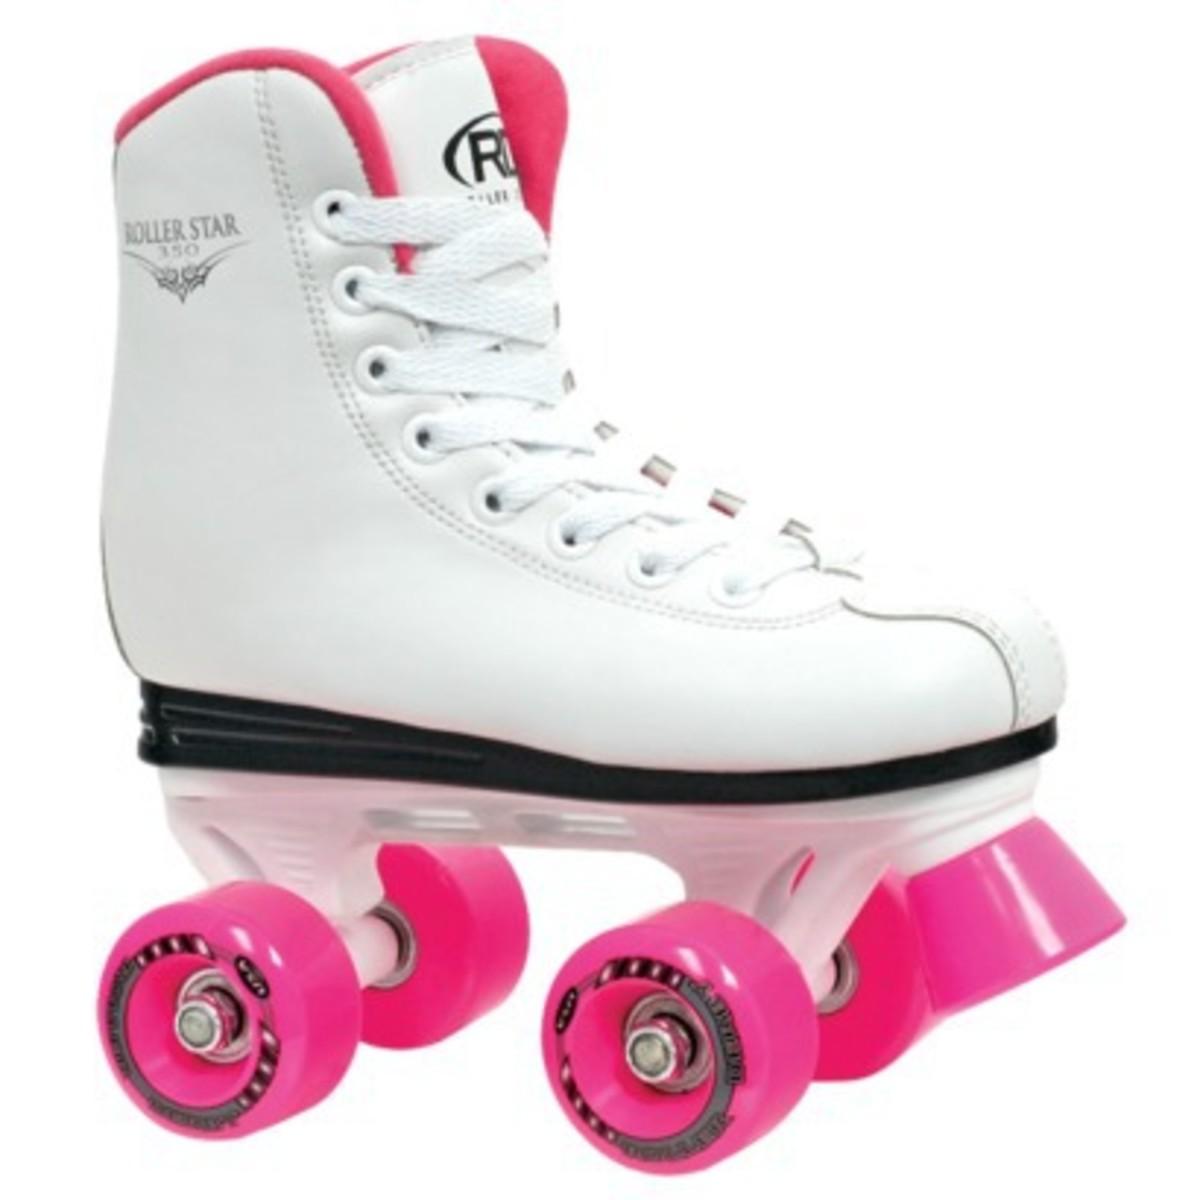 Roller Star Skates